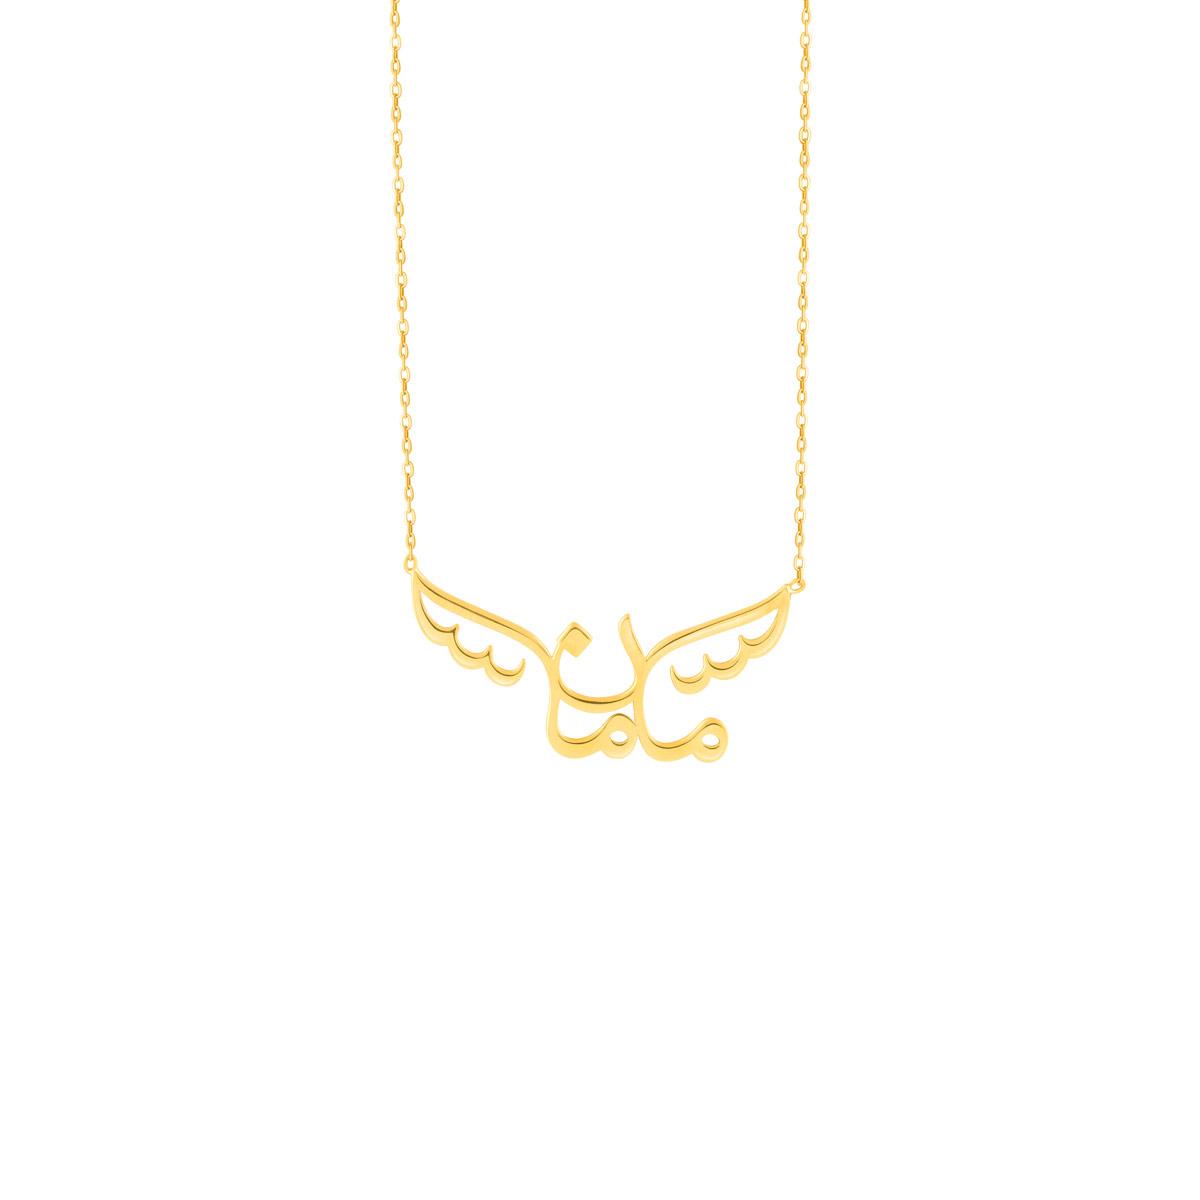 گردنبند طلا مامان و بال فرشته